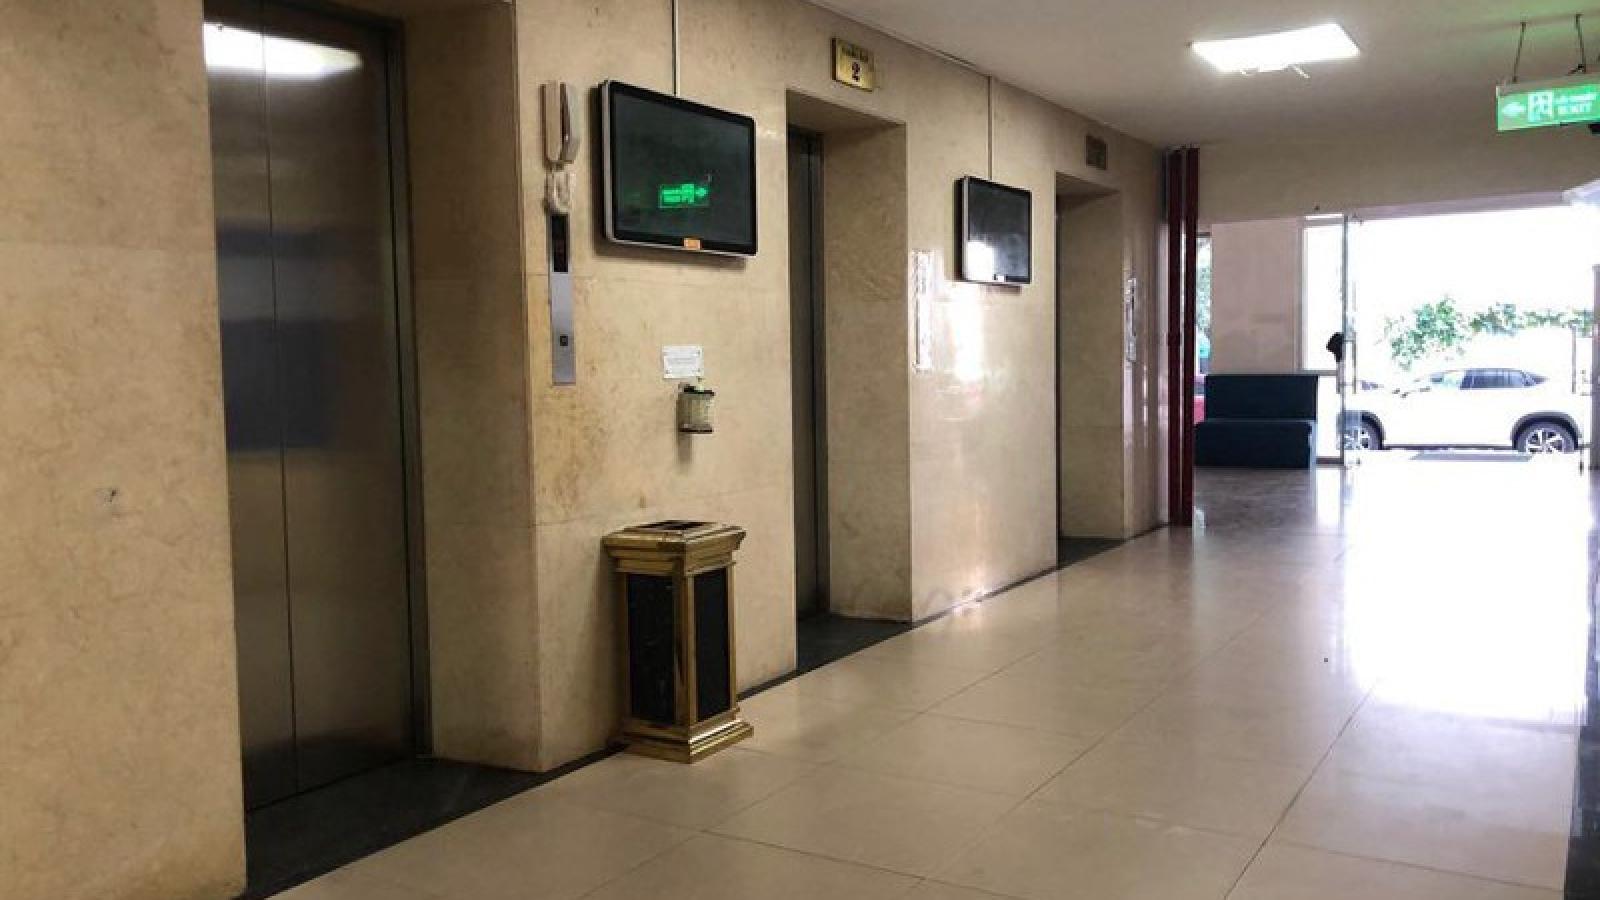 Khởi tố người đàn ông dâm ô với bé trai trong thang máy tại Hà Nội